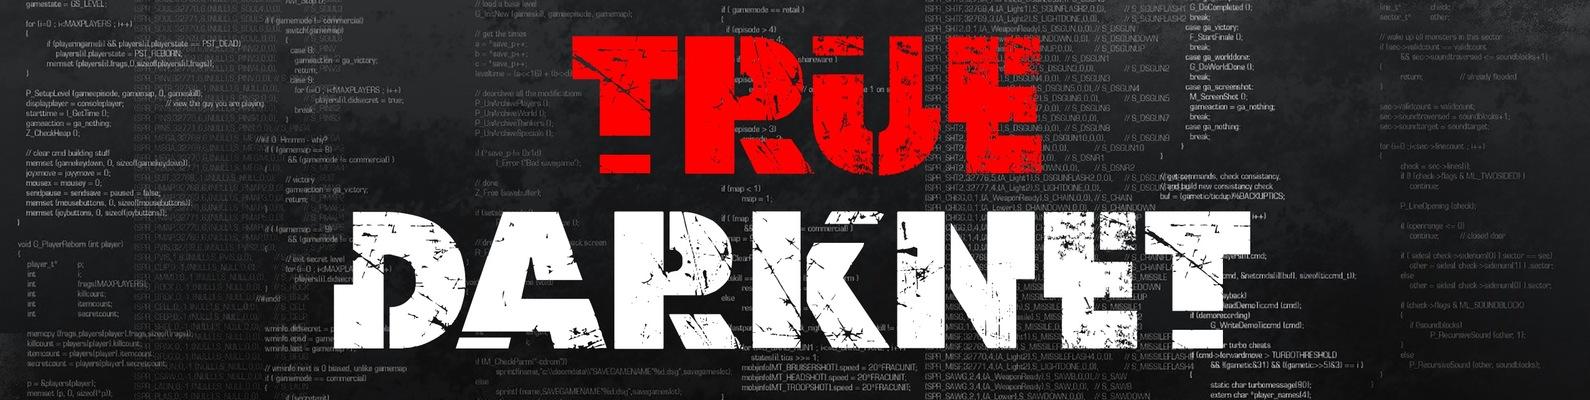 Журнал хакер выпуск даркнет вход на гидру tor browser flash player скачать hydra2web